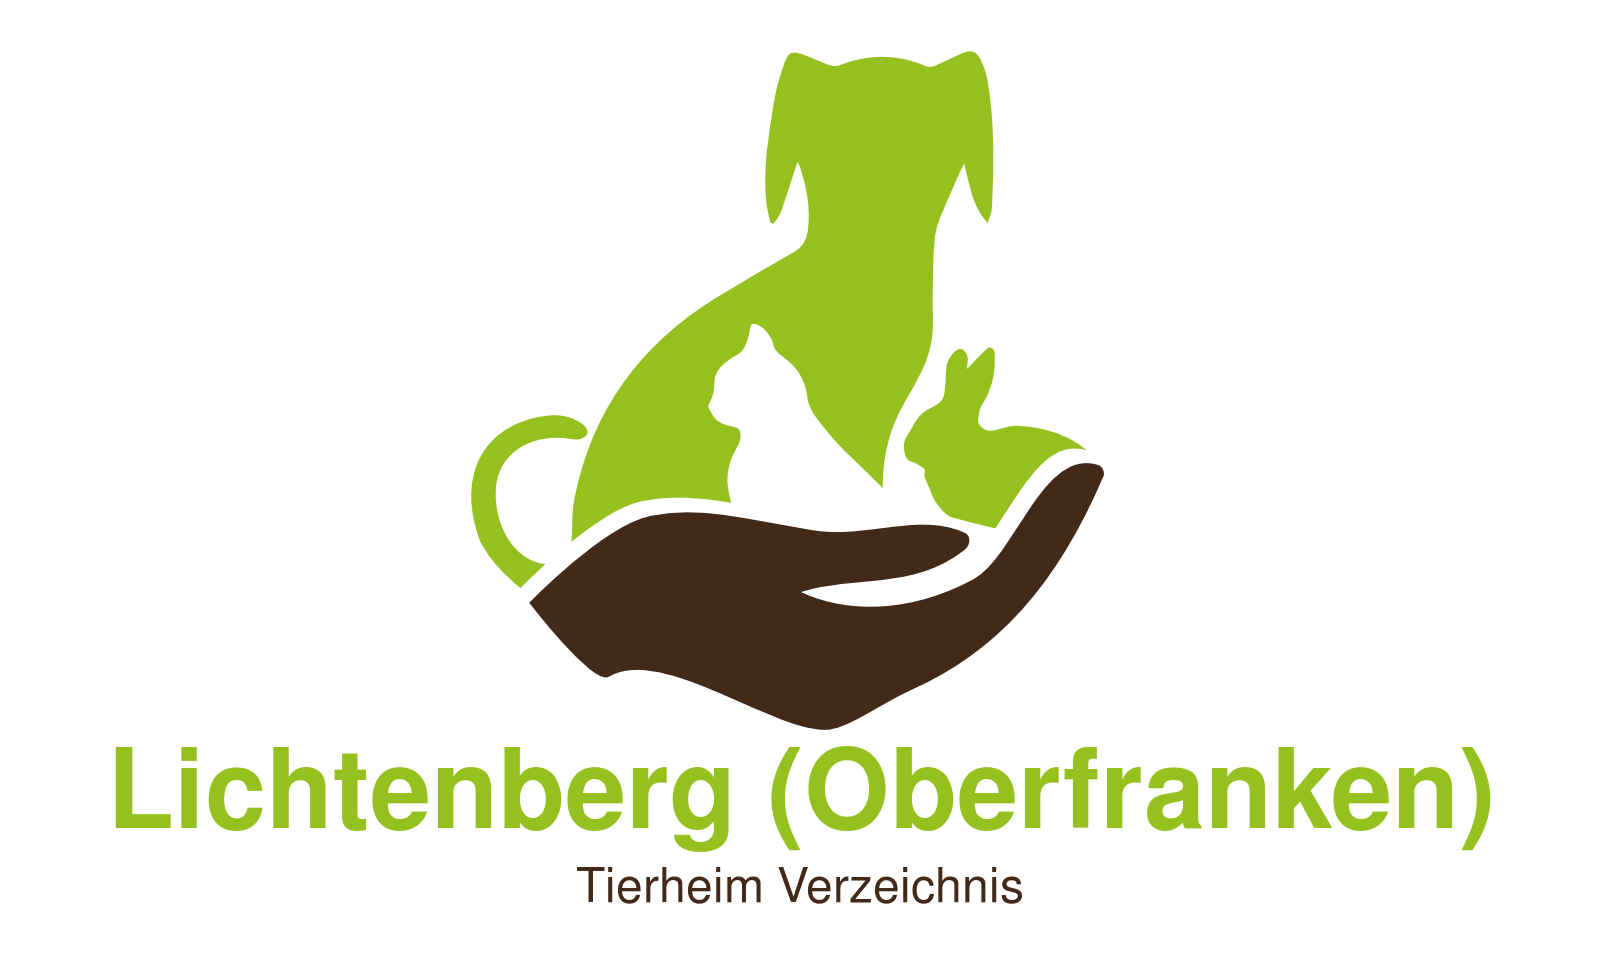 Tierheim Lichtenberg (Oberfranken)